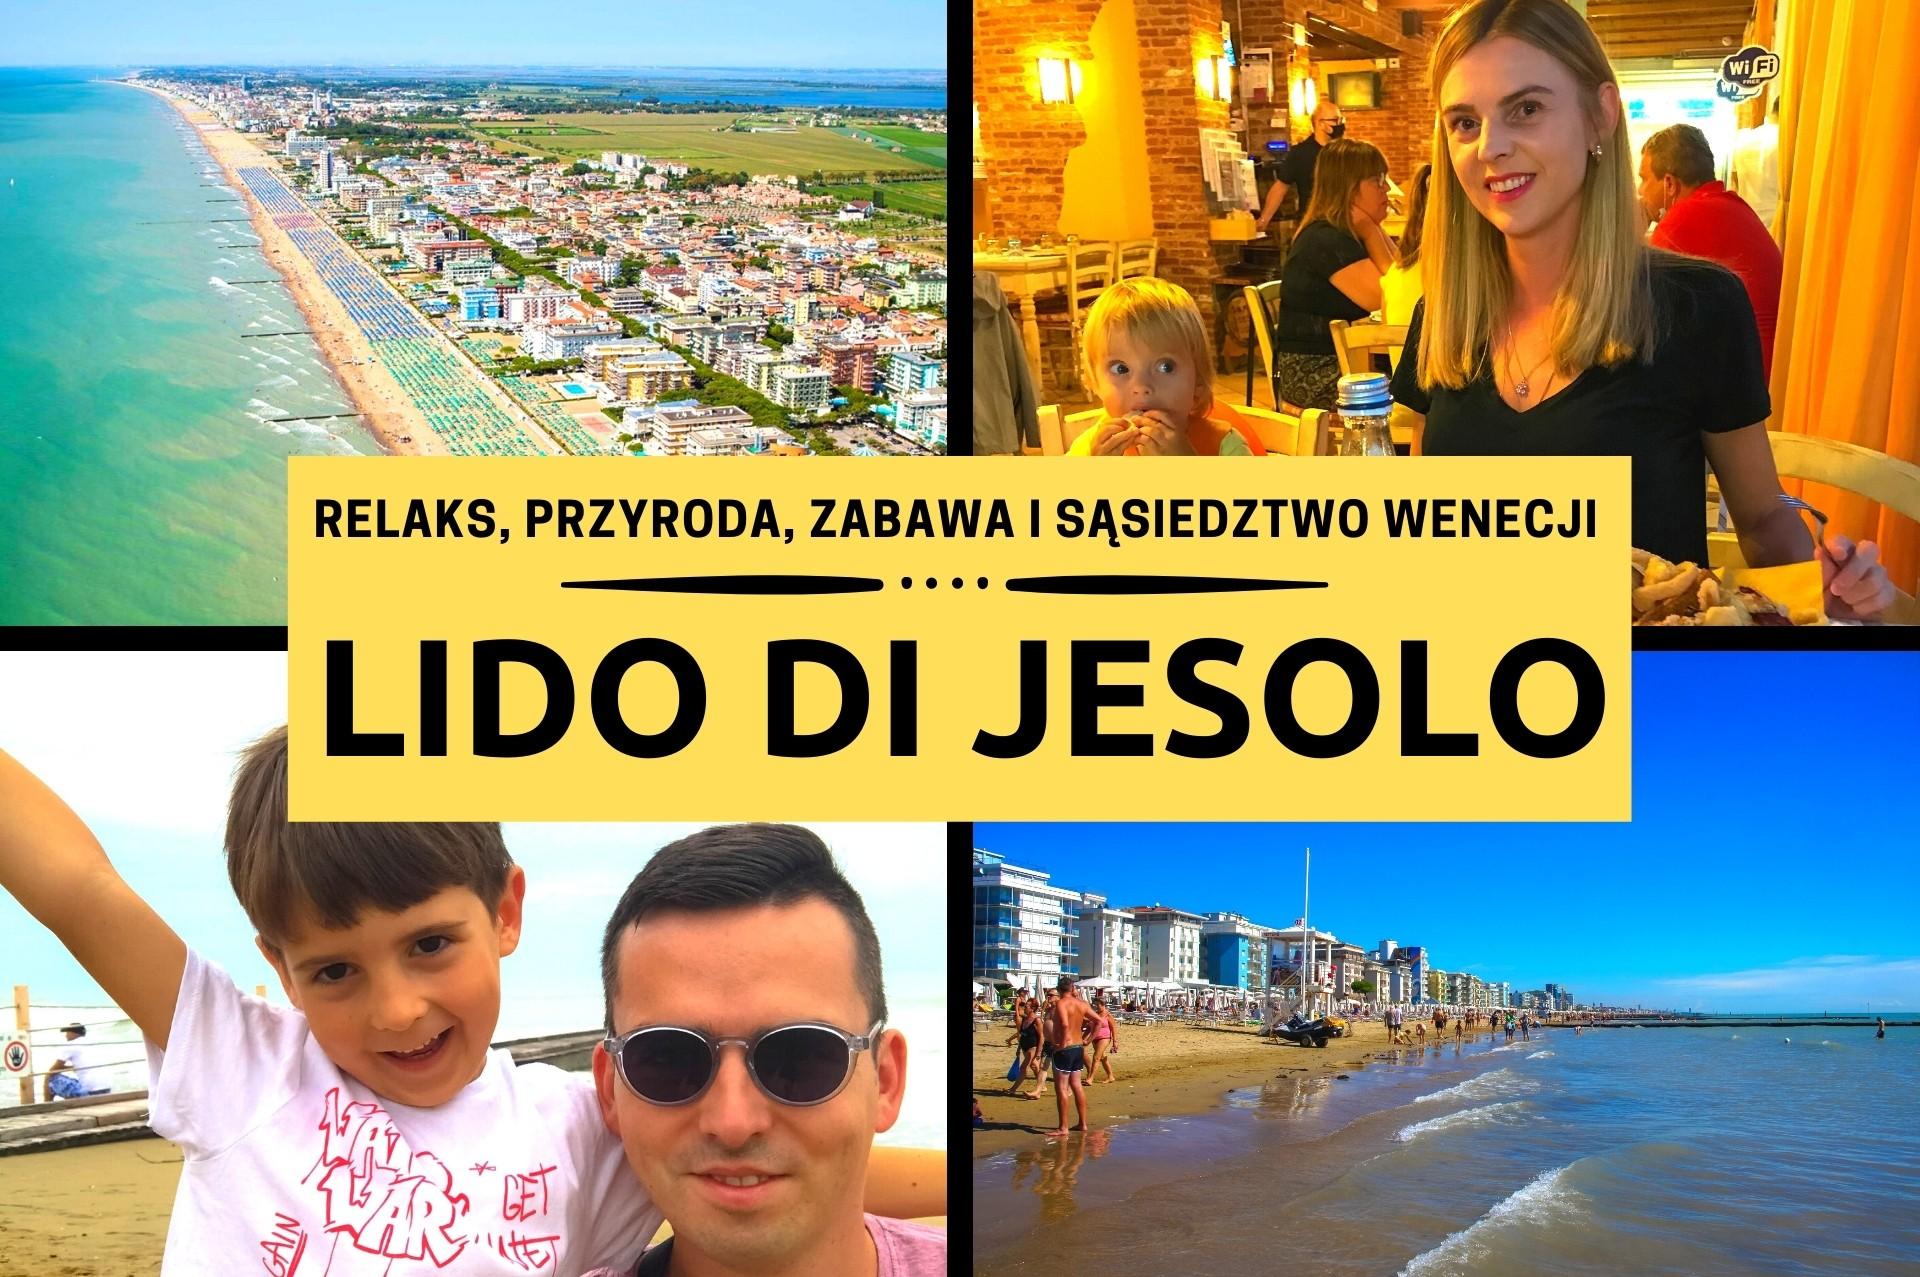 Lido di Jesolo - relaks, przyroda, zabawa i sąsiedztwo Wenecji. Co zobaczyć? Polecane hotele i apartamenty